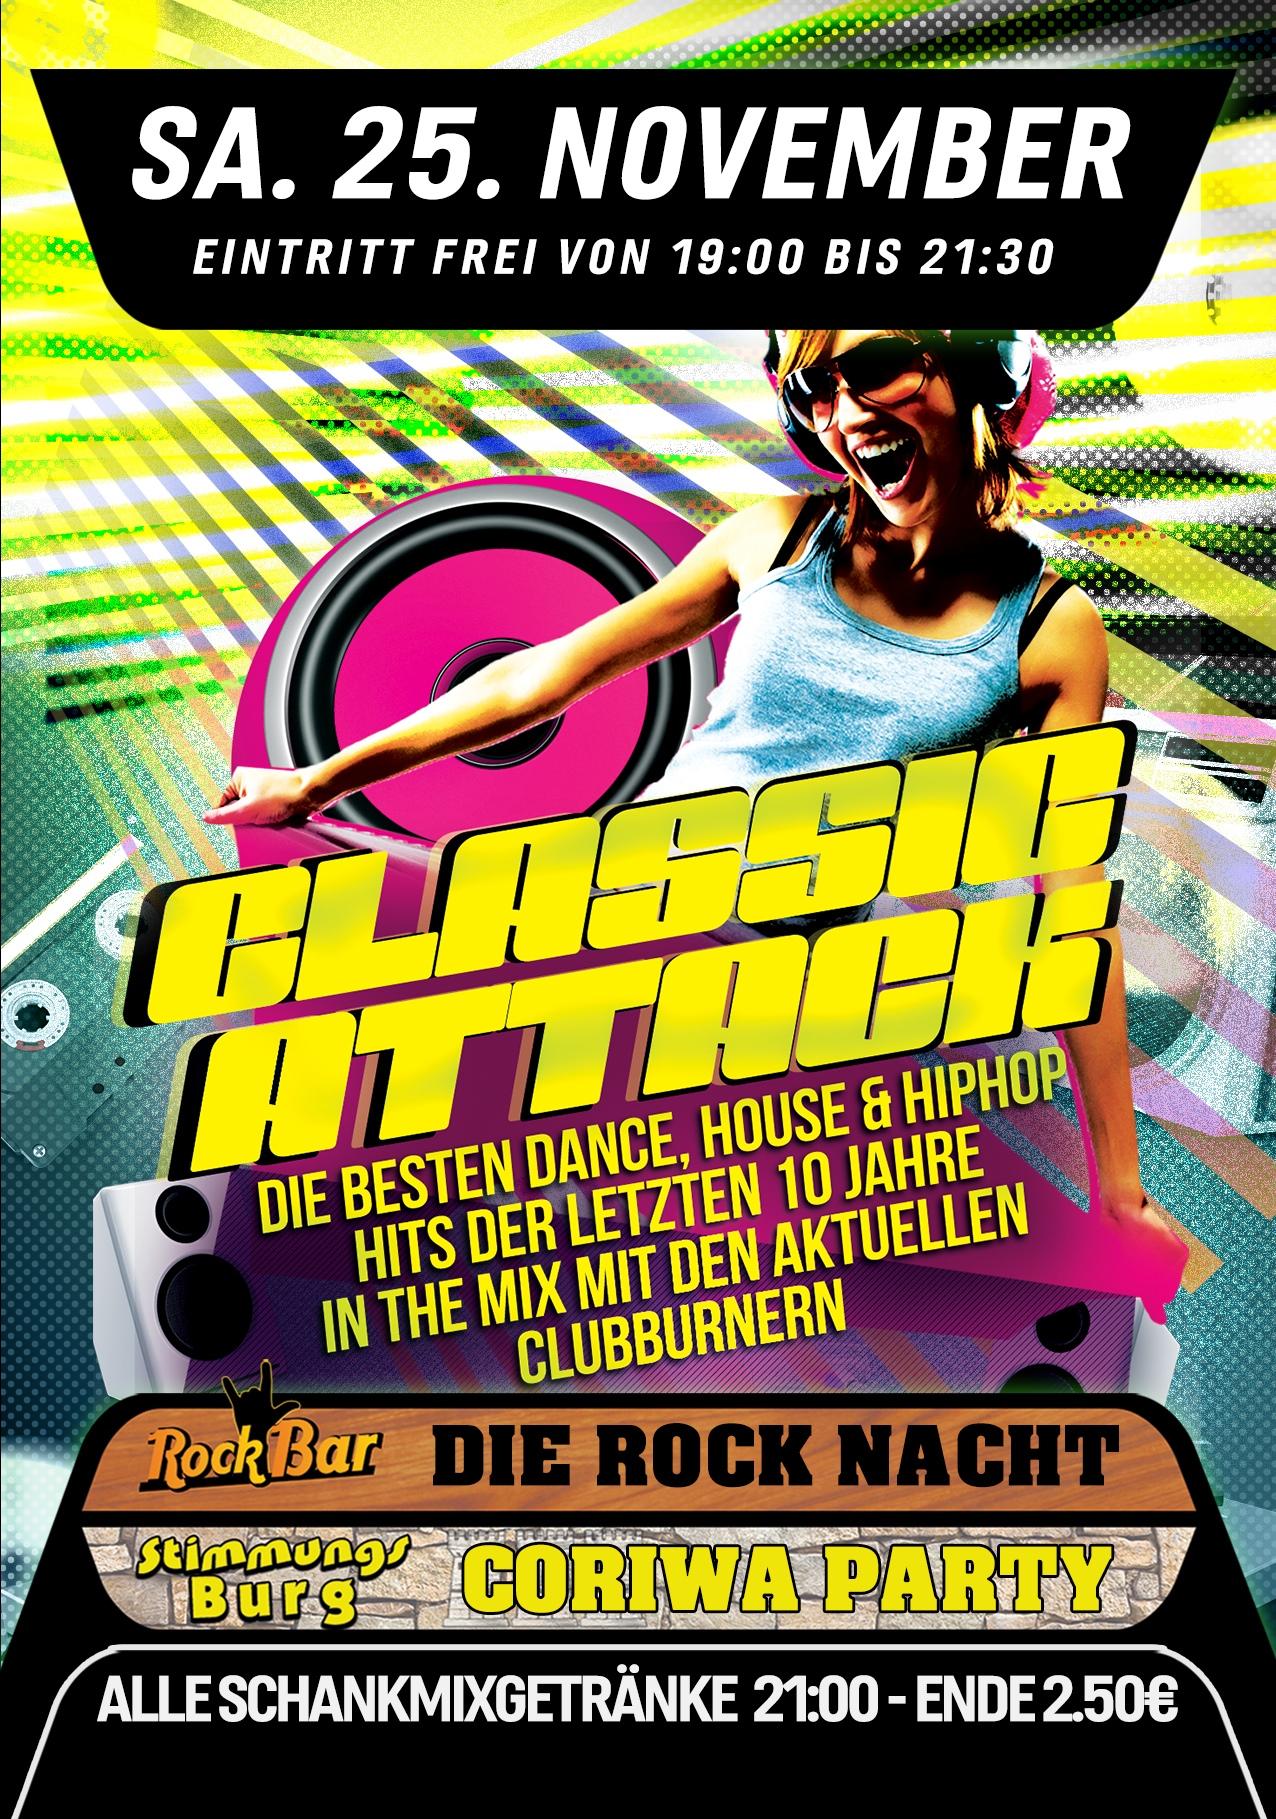 Classic Attack! Die Hits der letzten Jahrzehnte!